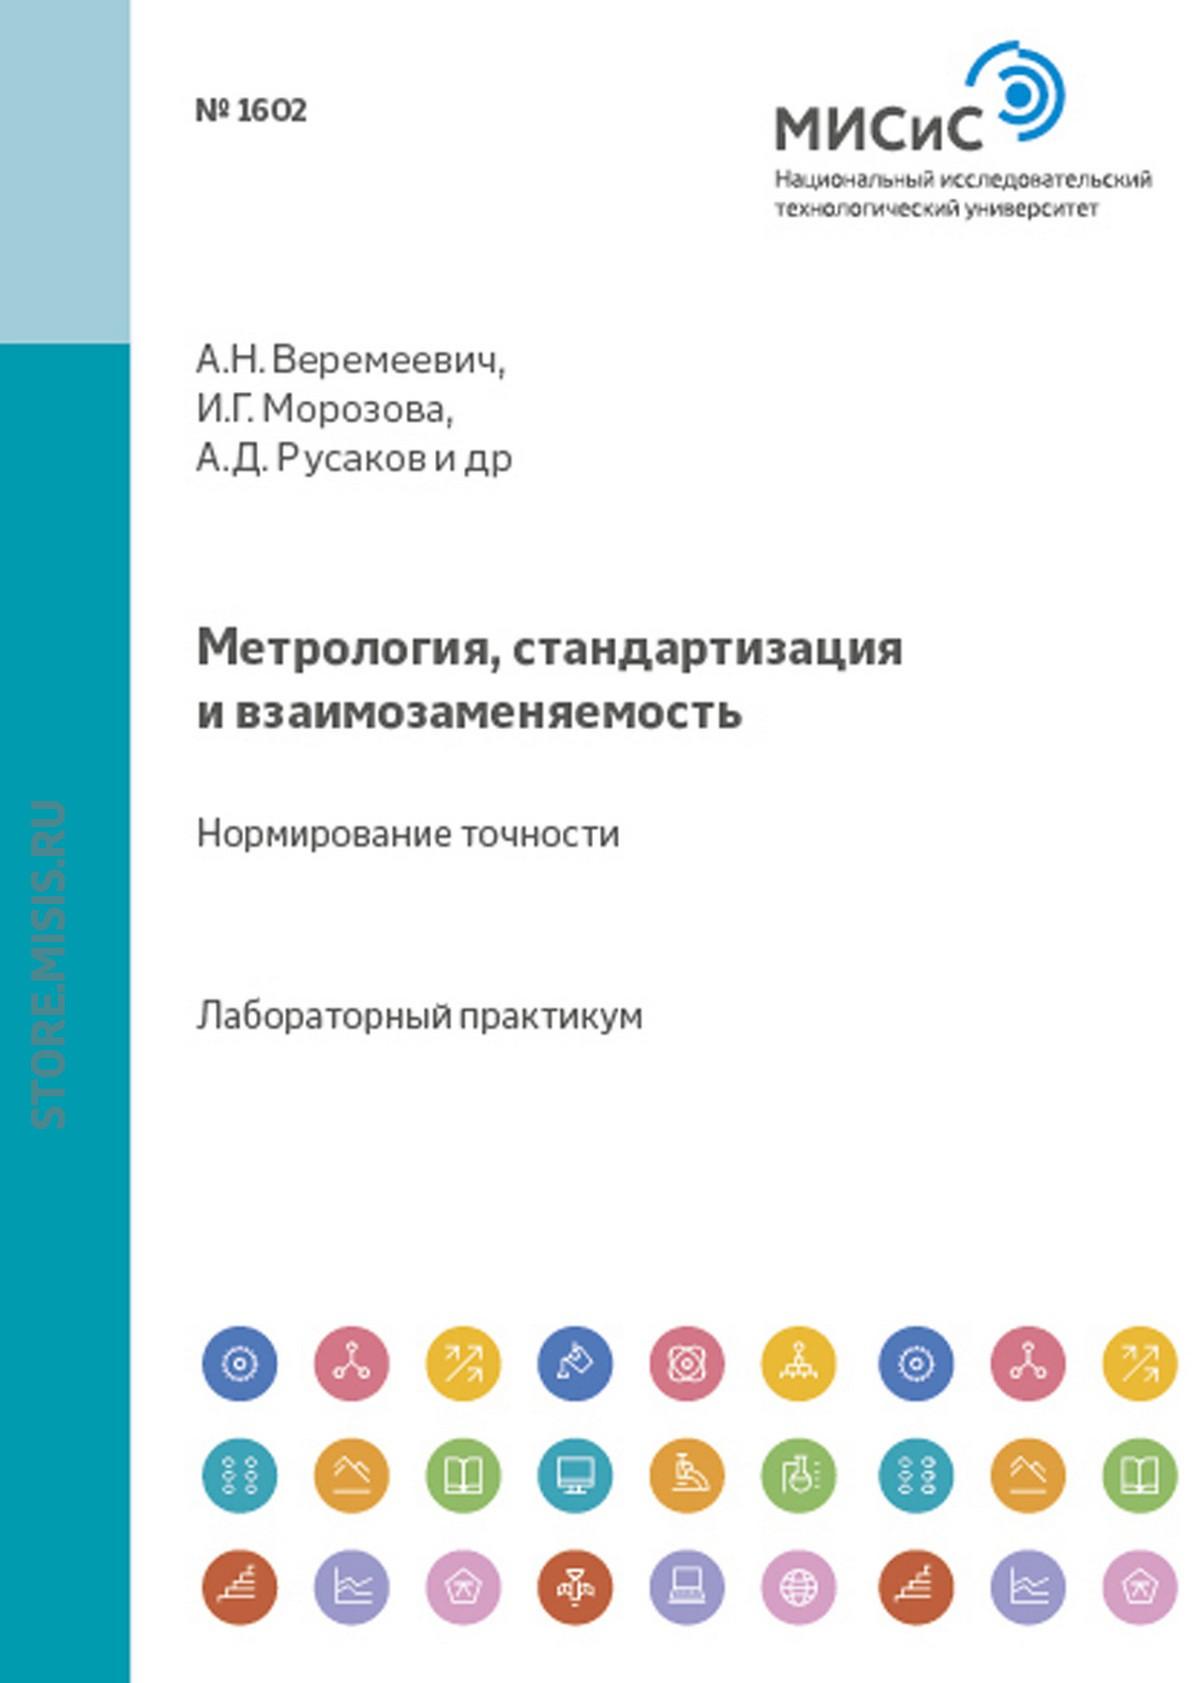 Анатолий Веремеевич Метрология, стандартизация и взаимозаменяемость. Нормирование точности